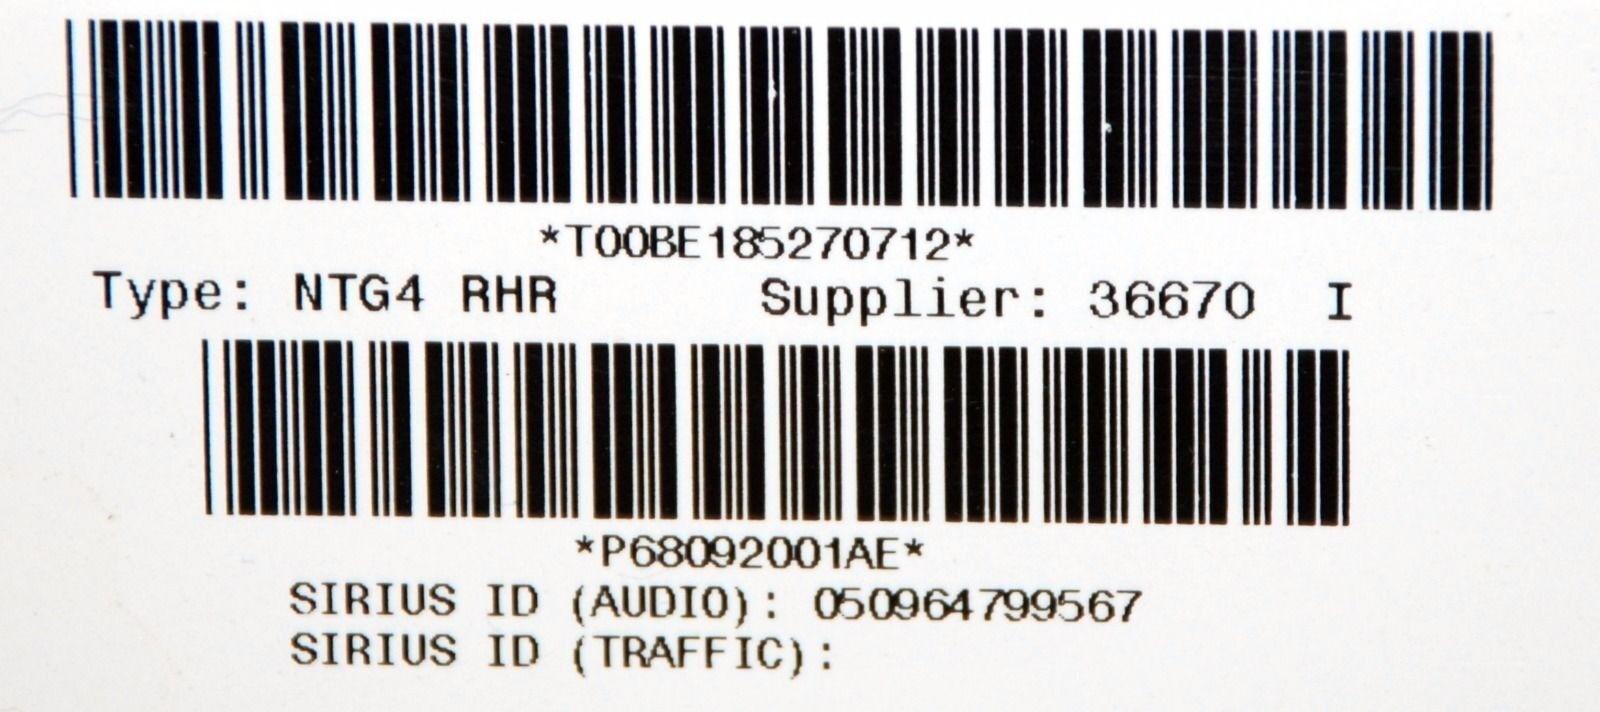 DODGE CHRYSLER JEEP LOW RHR 730N GPS MYGIG NAVIGATION CHARGER